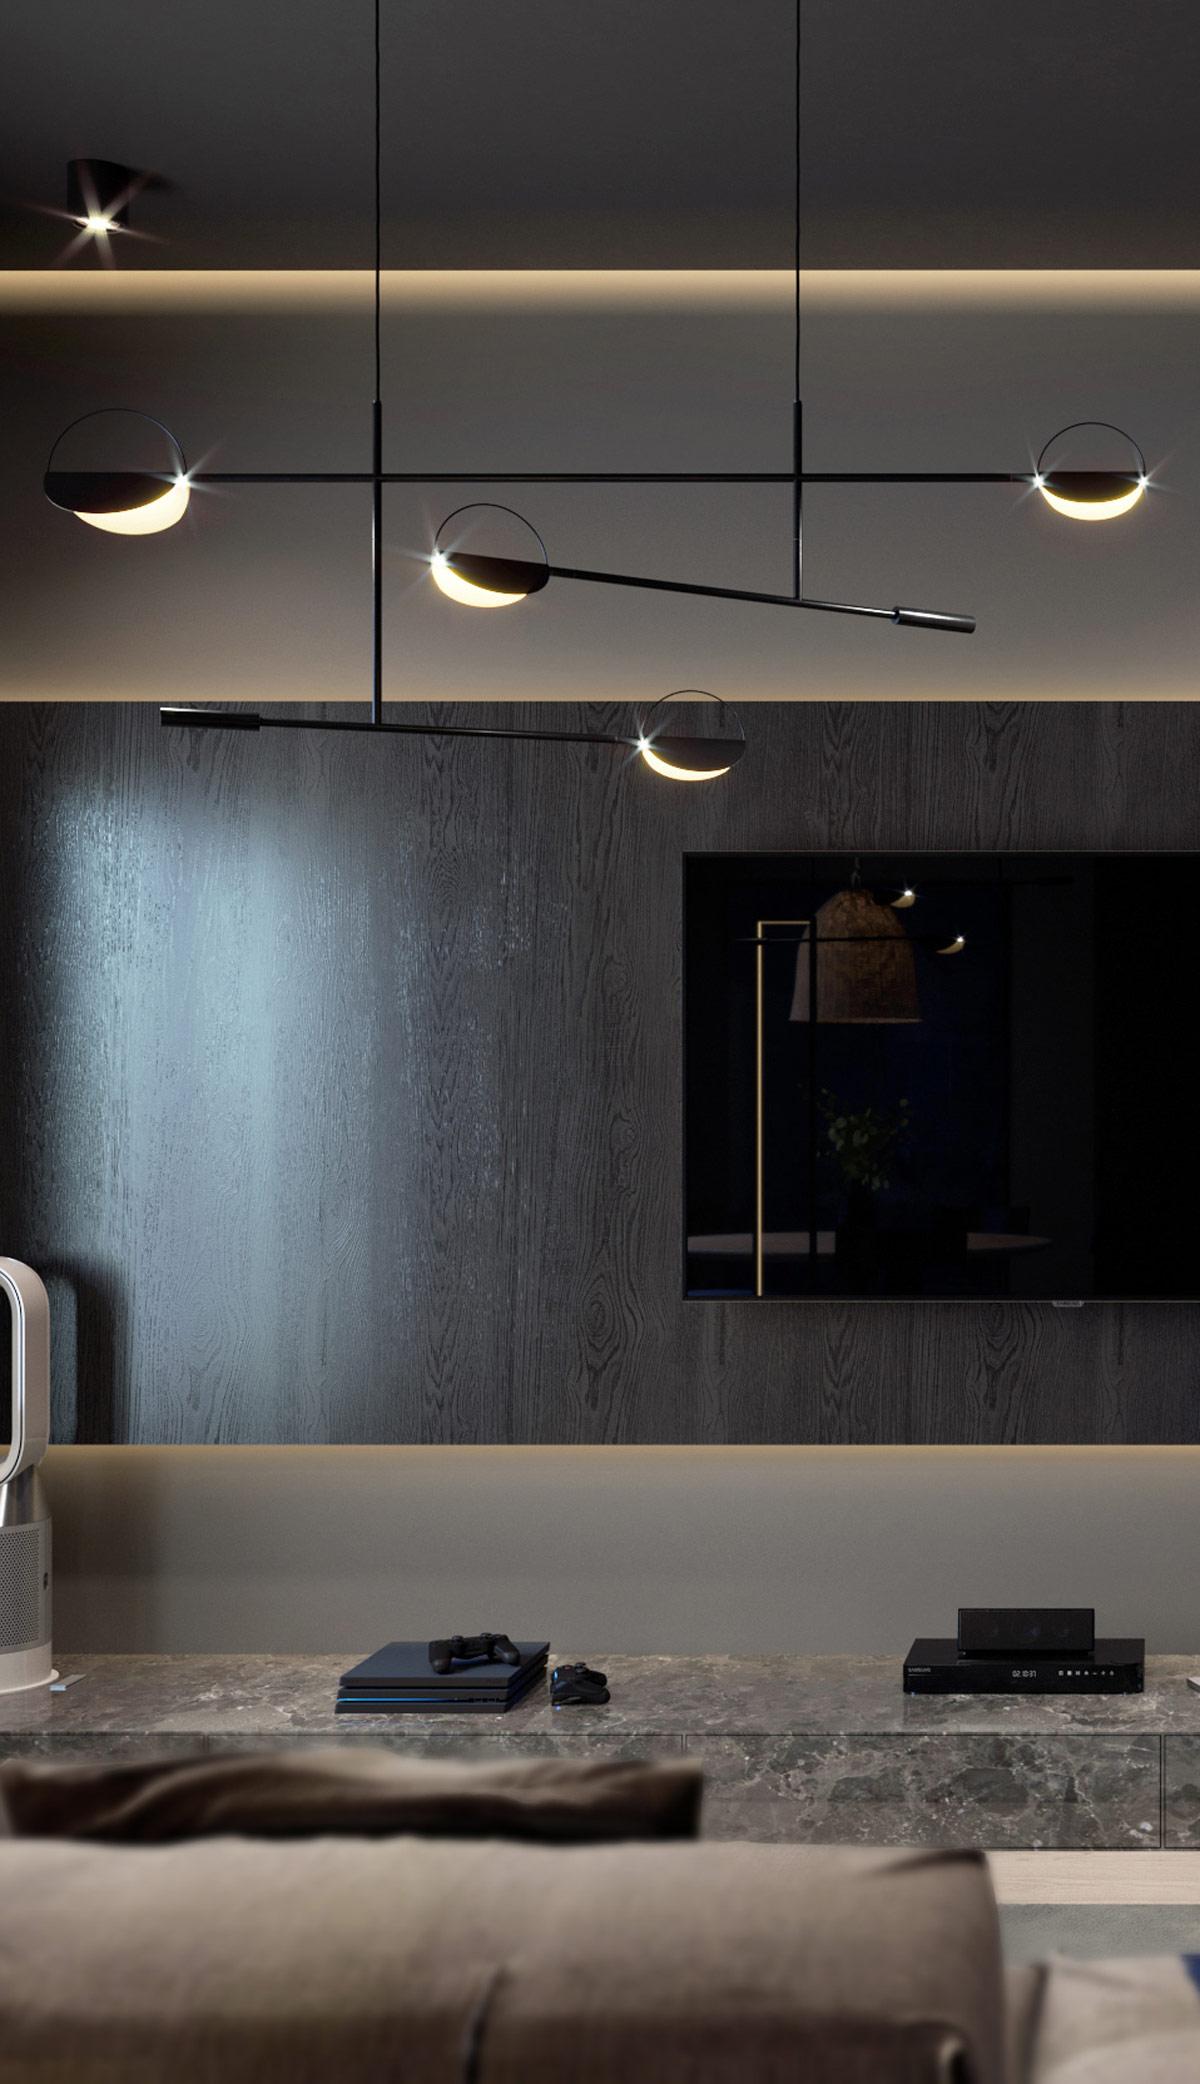 Các dải ruy băng LED bao quanh mép của giá treo TV, tạo ra một bầu không khí ấm áp